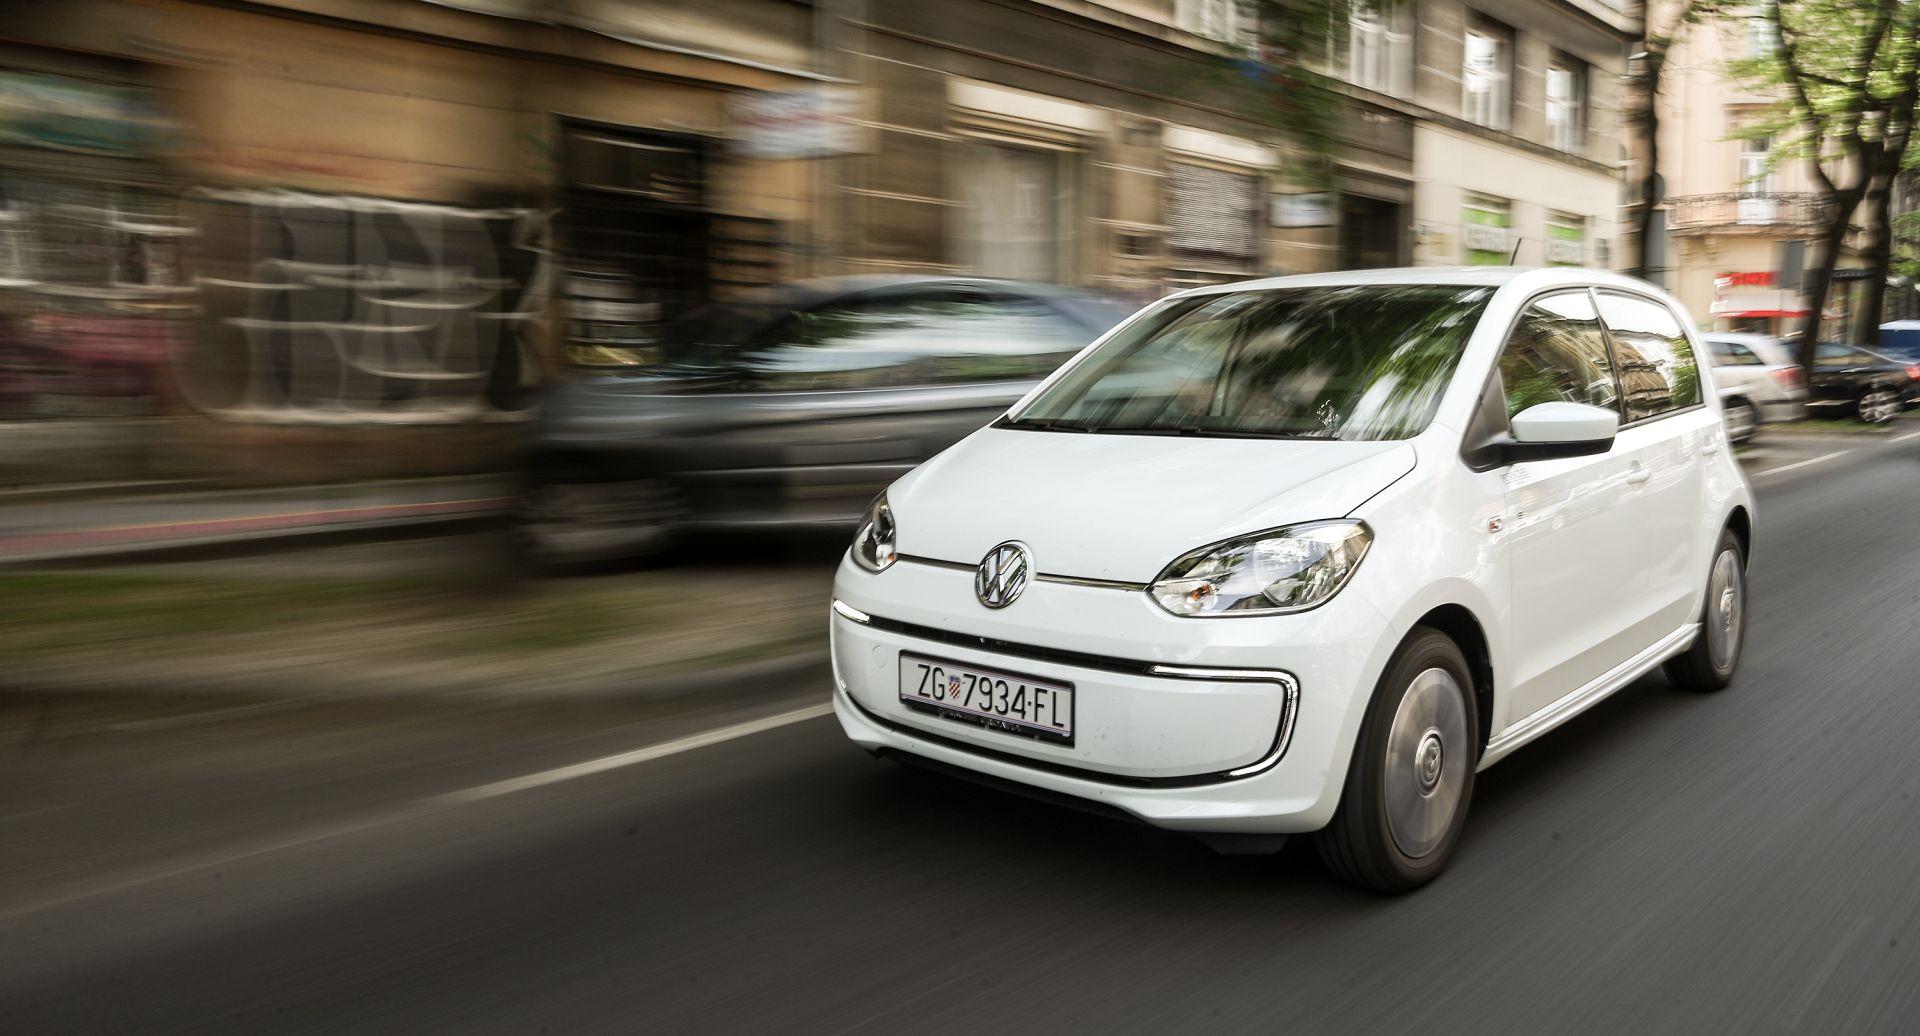 VW besplatno servisira 26.457 vozila u Hrvatskoj zbog softvera